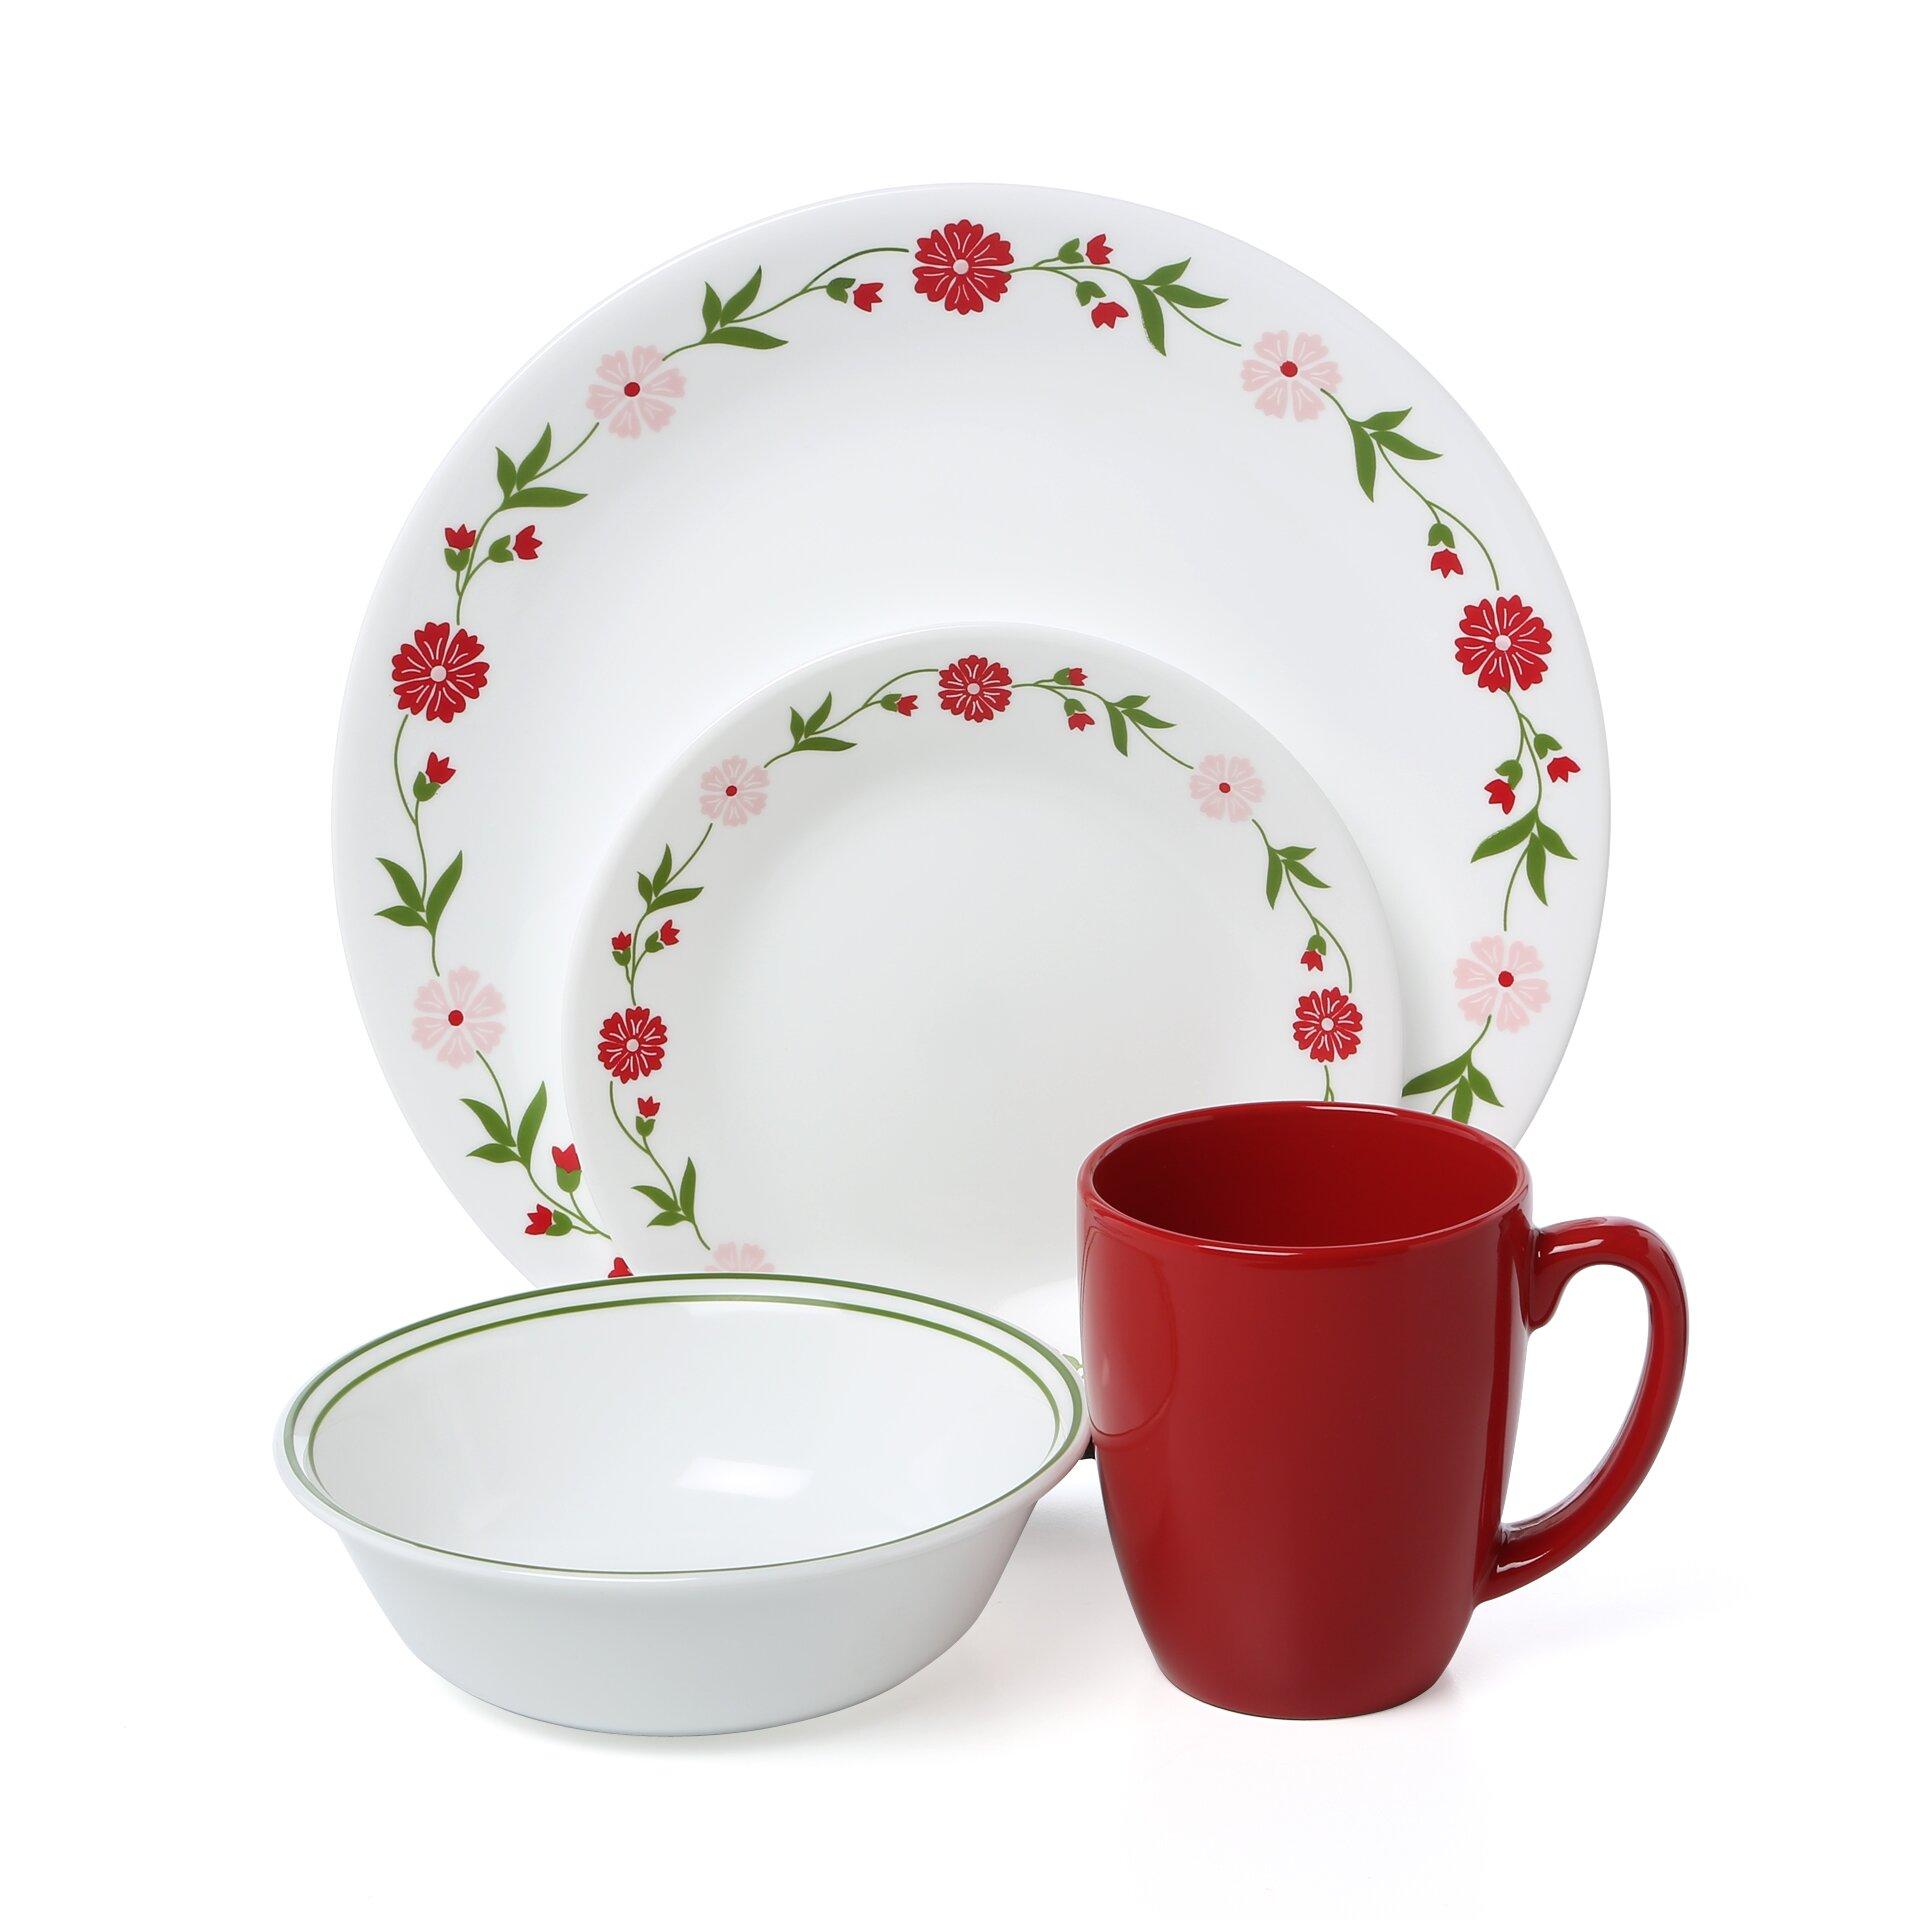 Corelle Livingware Spring Pink 16 Piece Dinnerware Set  : Livingware2BSpring2BPink2B162BPiece2BDinnerware2BSet from www.wayfair.com size 1920 x 1920 jpeg 268kB